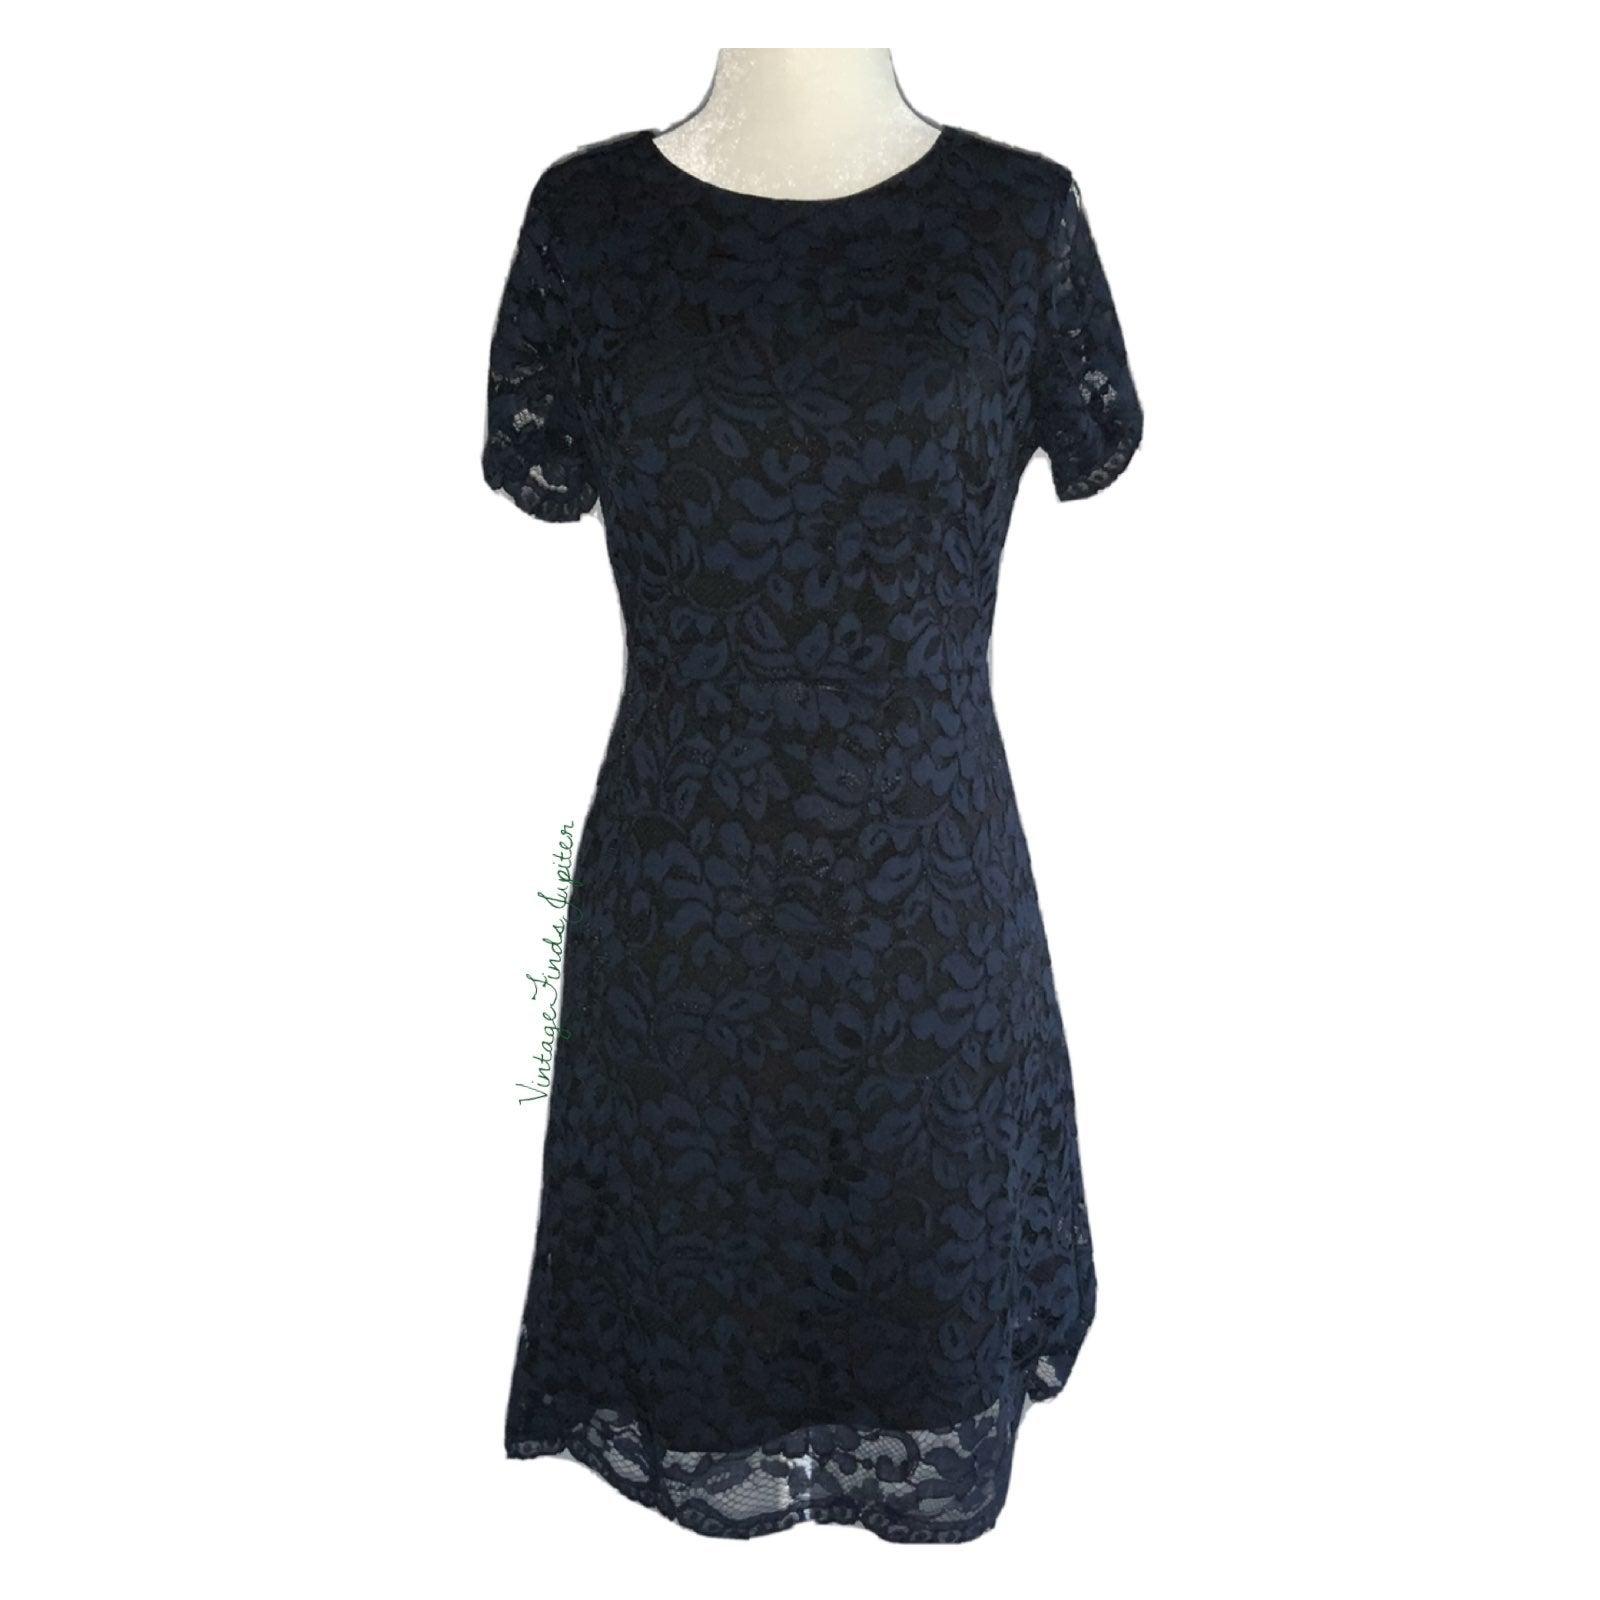 Tahari Floral Lace Blue Sheath Dress Sz0